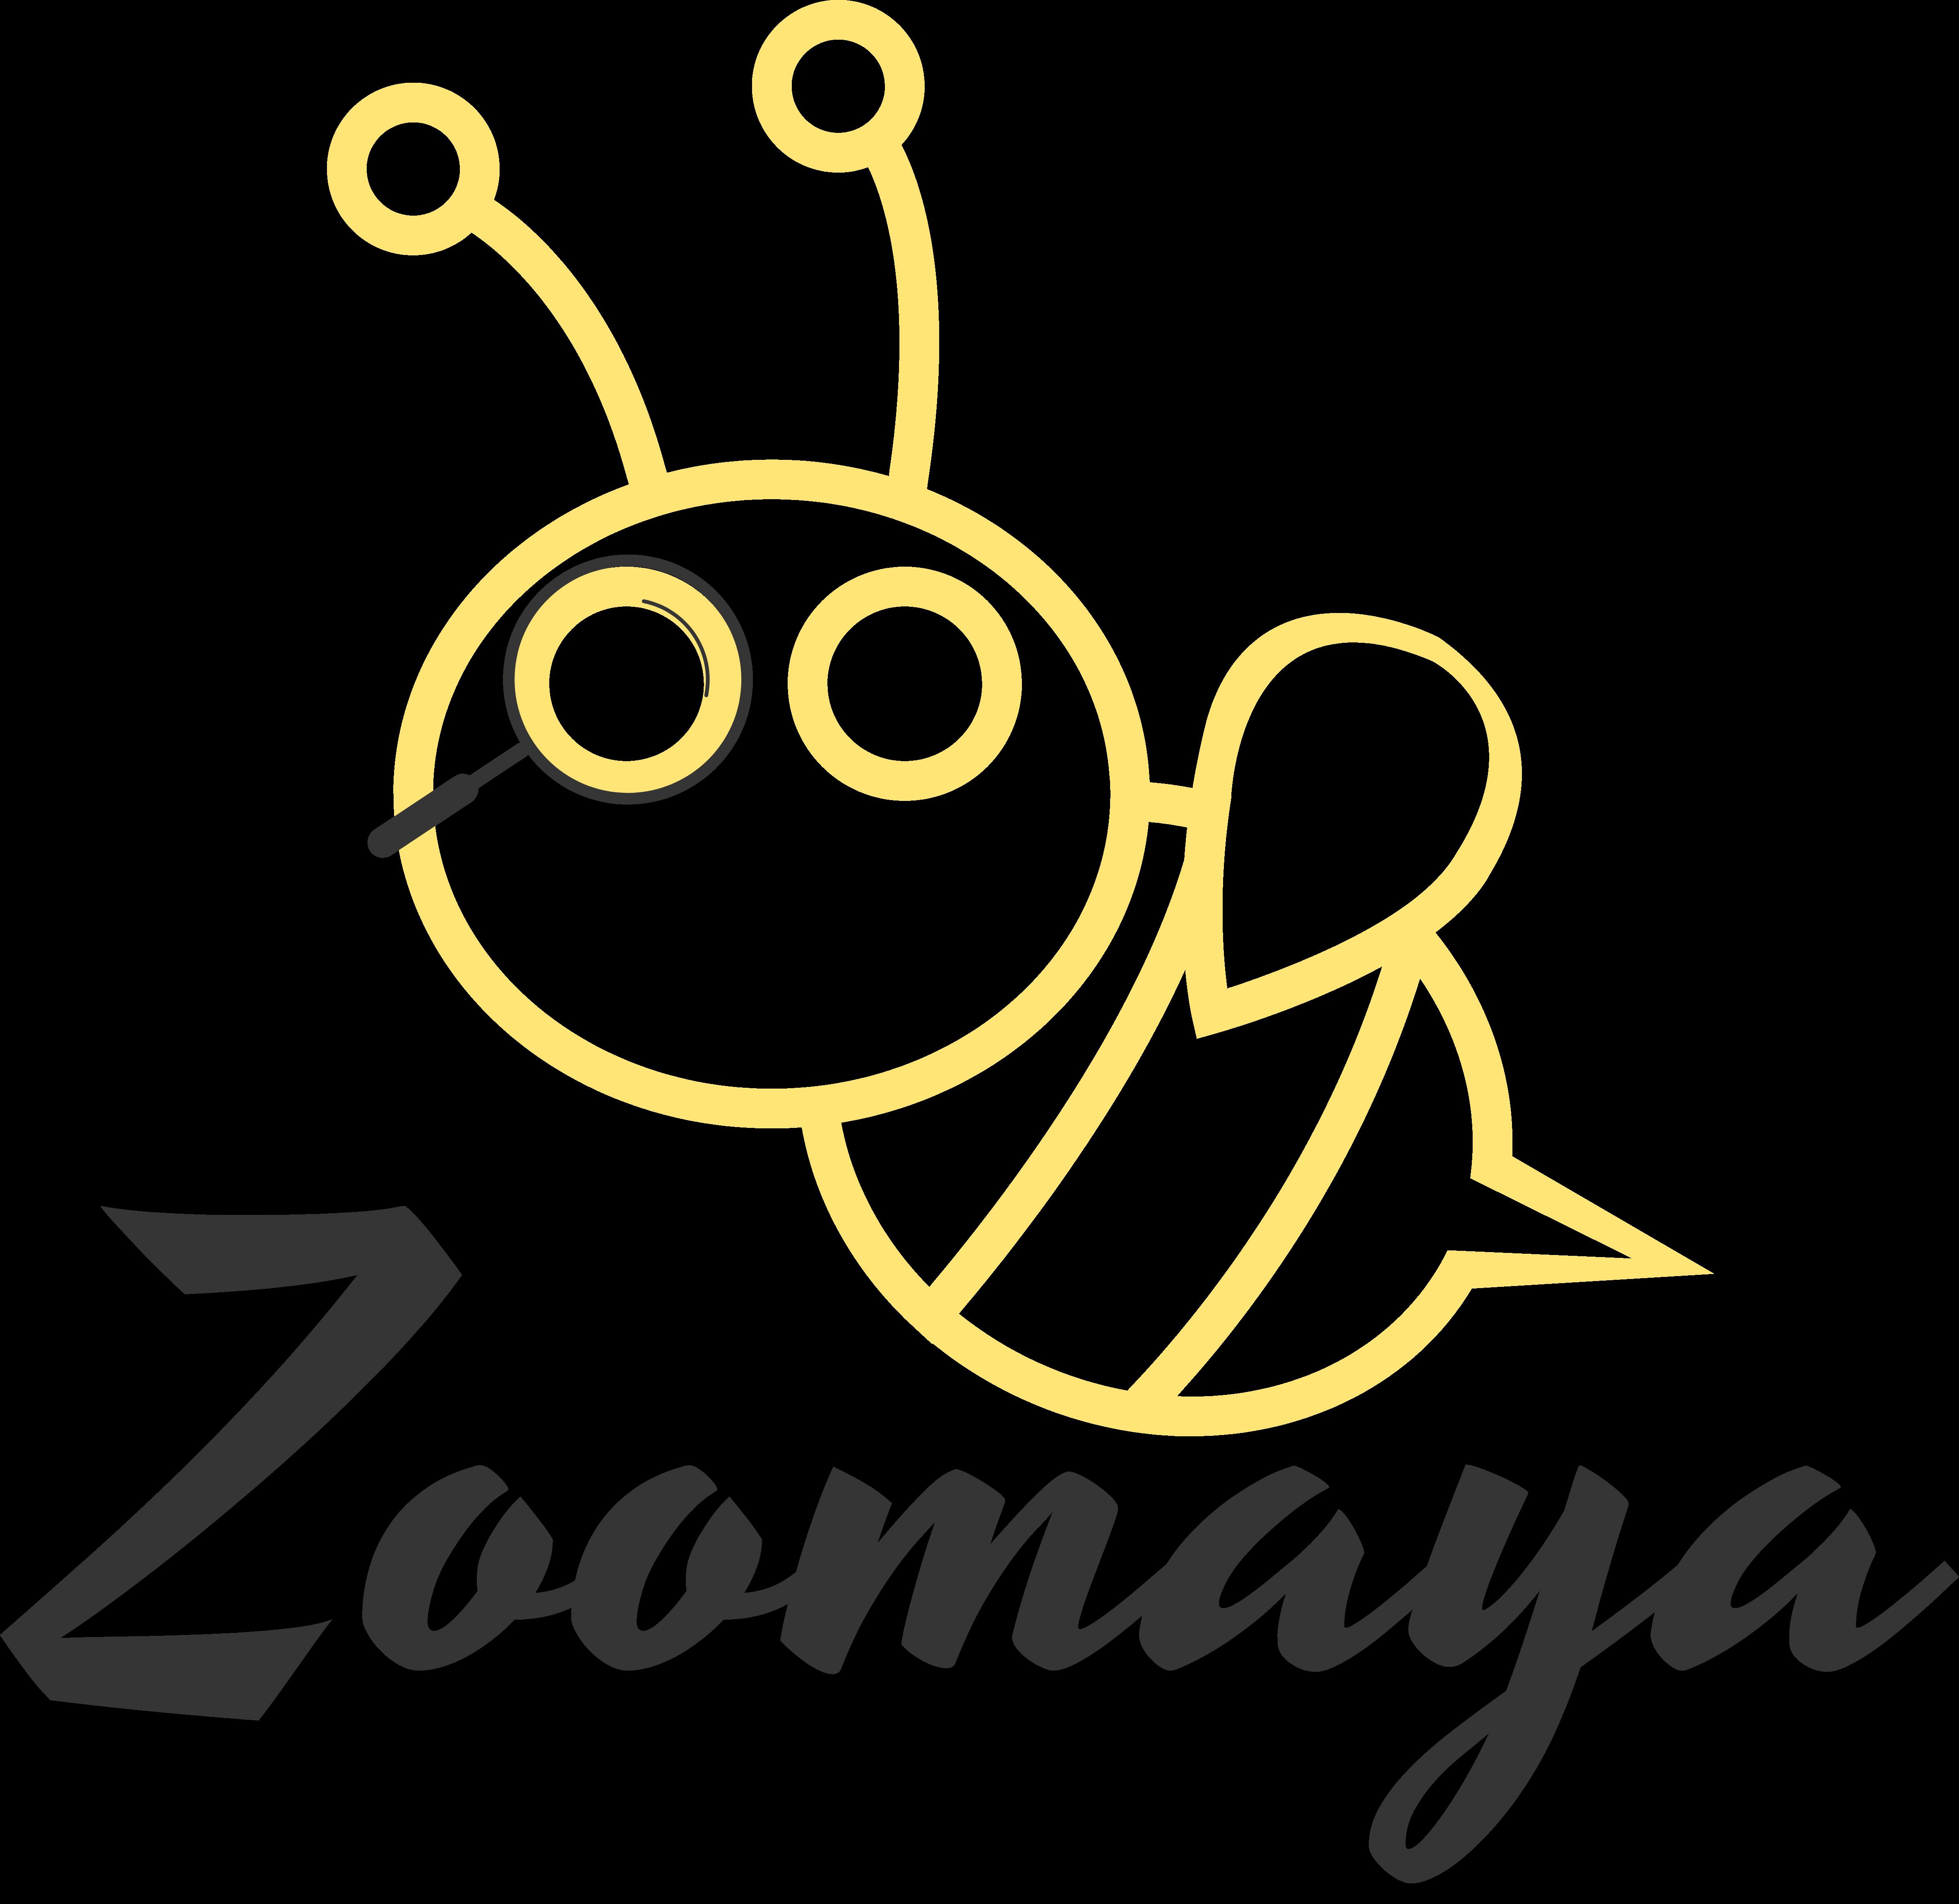 zoomaya